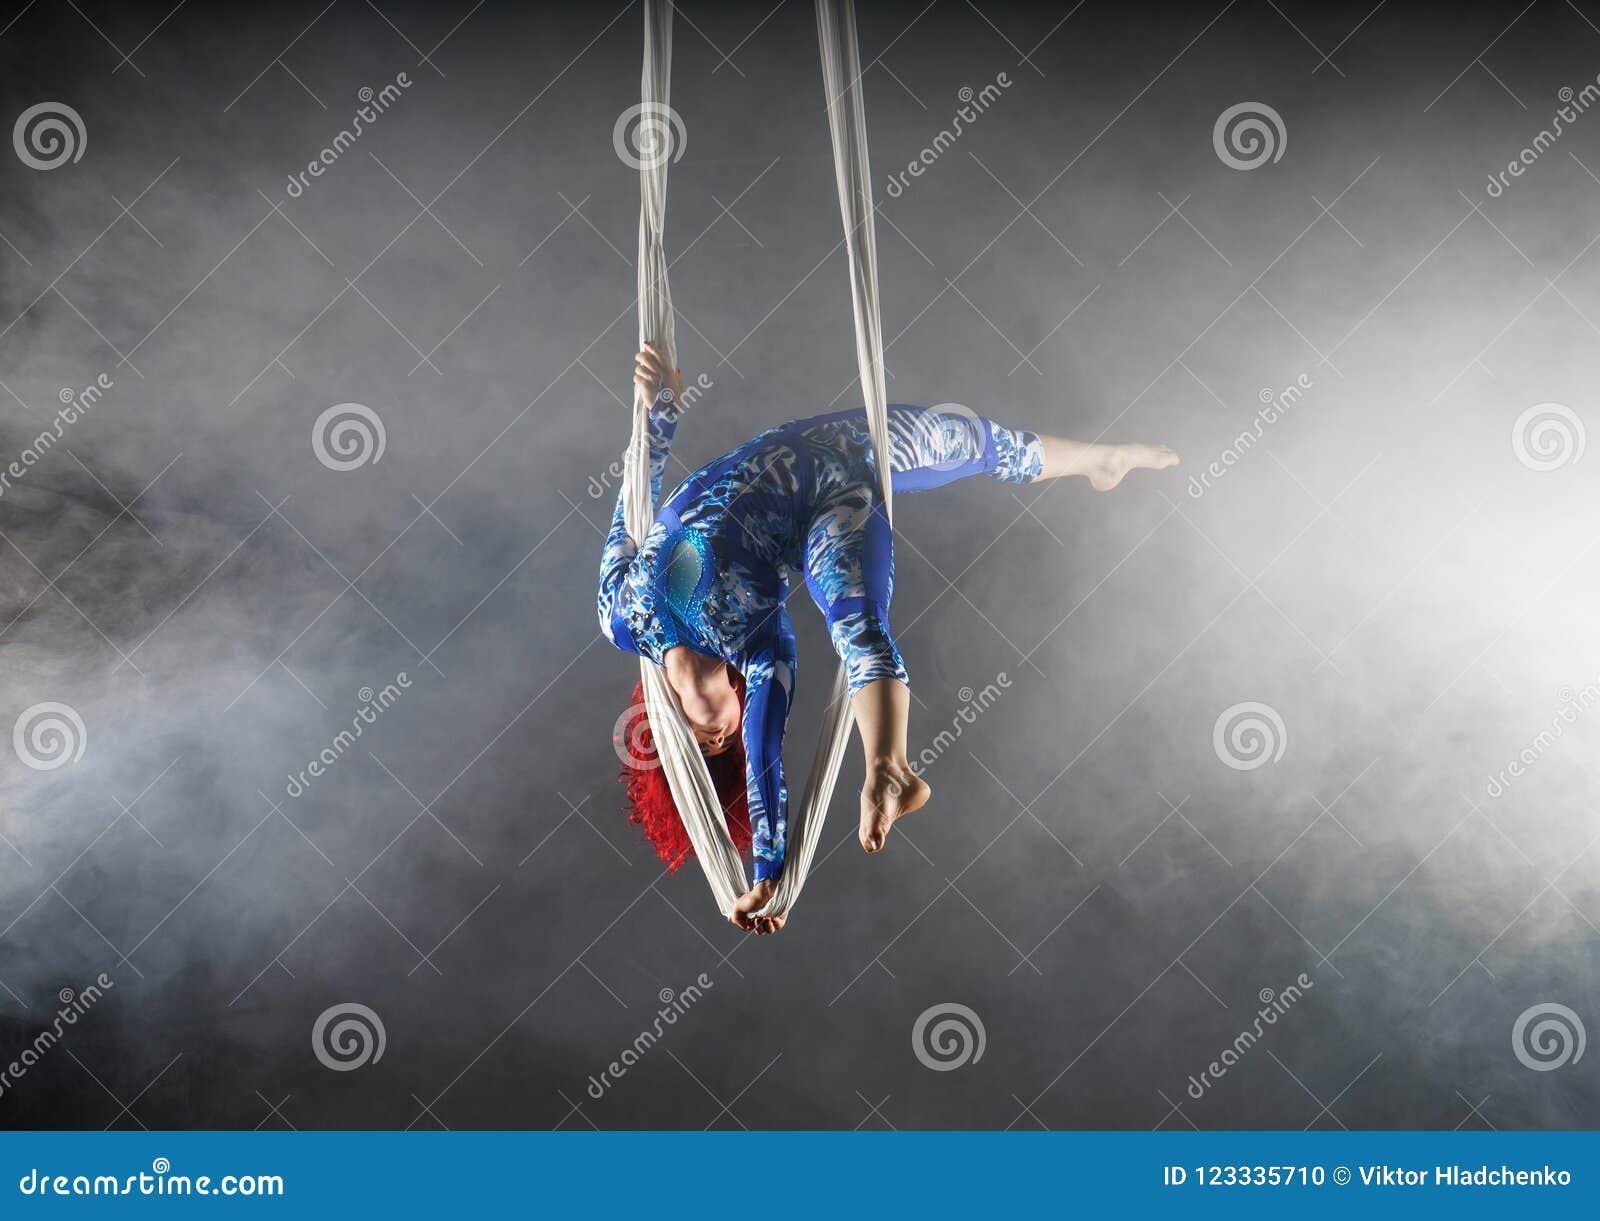 Ο αθλητικός εναέριος καλλιτέχνης τσίρκων με redhead στο μπλε κοστούμι που στέκεται στο ένα παραδίδει το εναέριο μετάξι